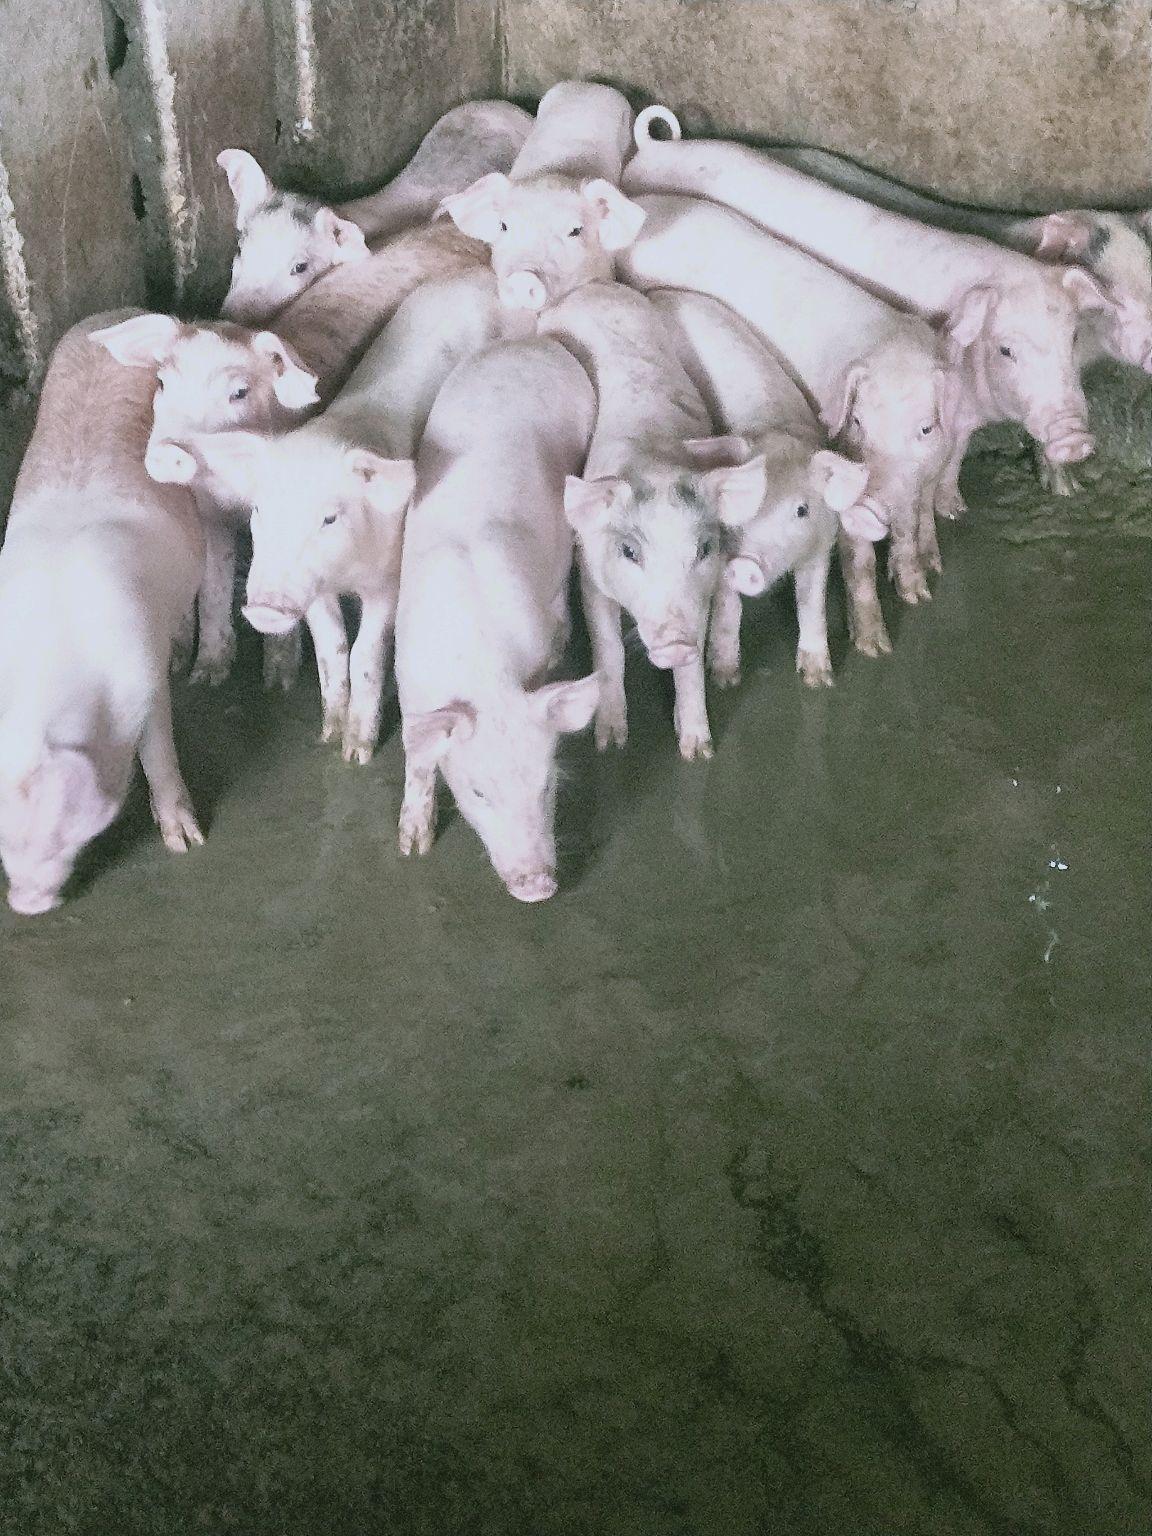 广西玉林市供应10~15kg仔猪